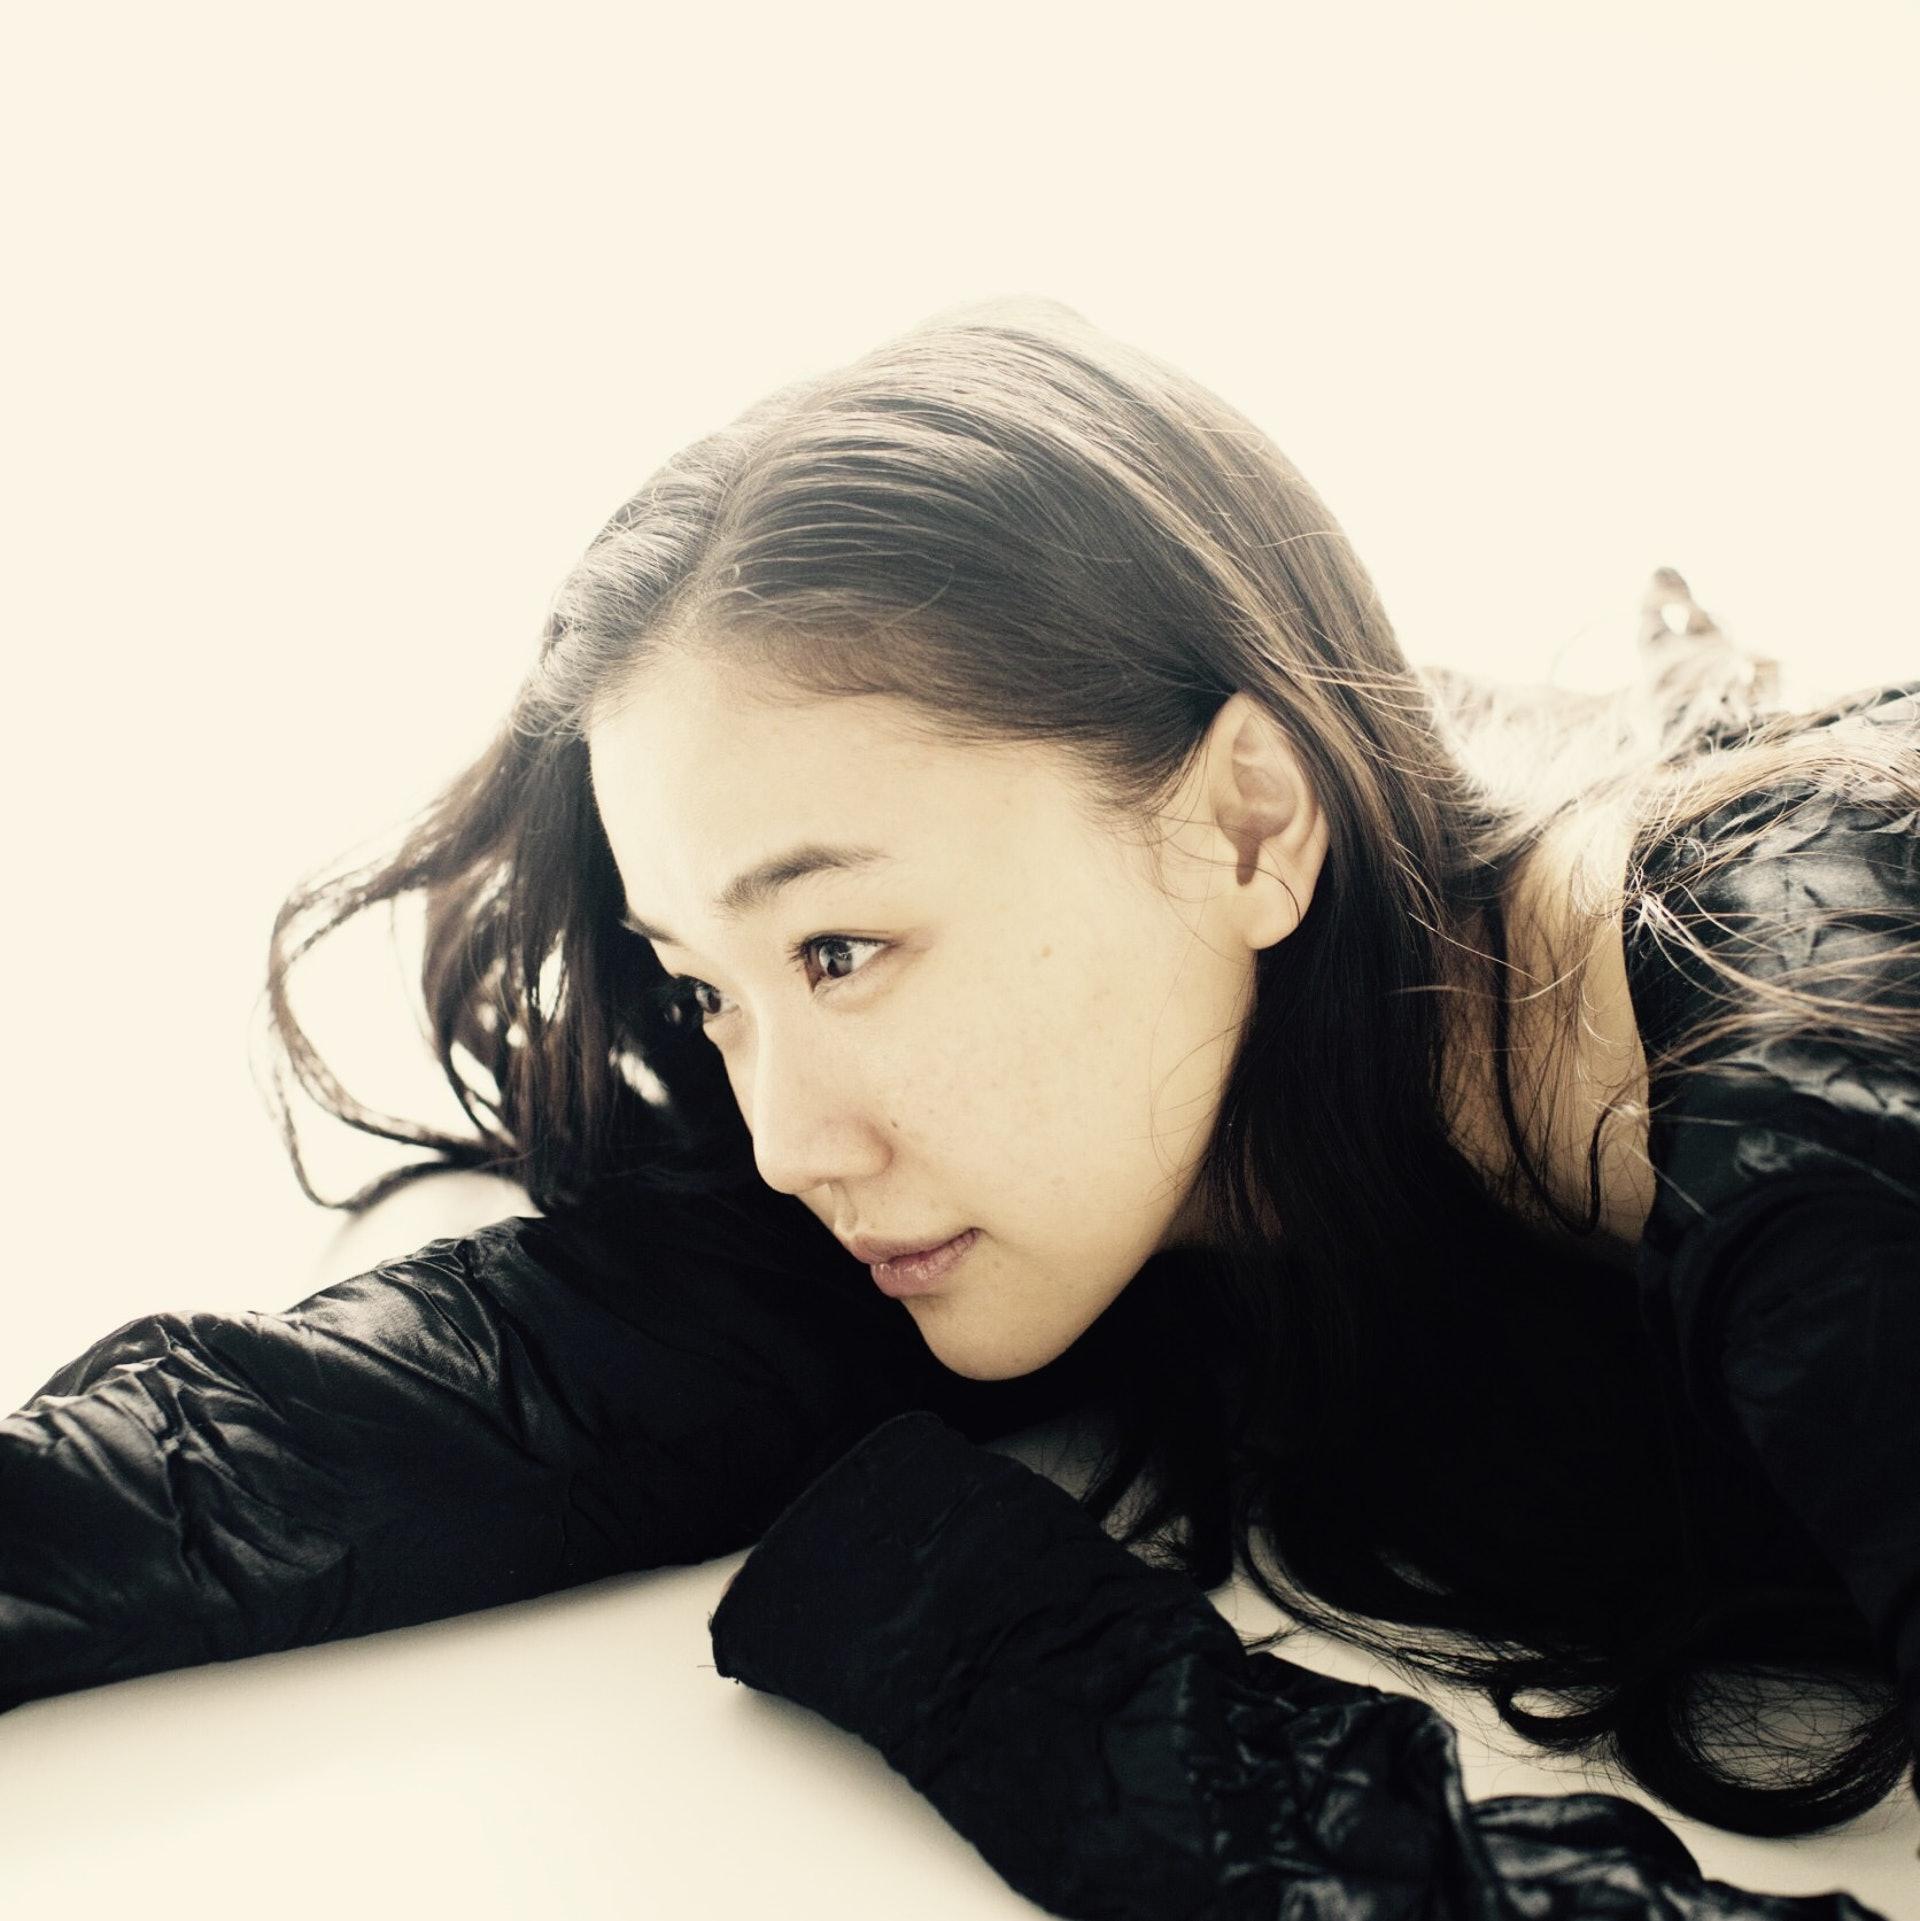 在日本有「國民女優」之稱的蒼井優在上年6月初的時間突然在網上宣布已與日本搞笑藝人山里亮太註冊結婚,消息一出令所有支持他的男粉絲傷心不已,也難以相信在日本被譽為是「國寶級女演員」為何身邊的那一個不是帥哥,而是一個奇貌不揚的諧星呢?(itoh-c_com)